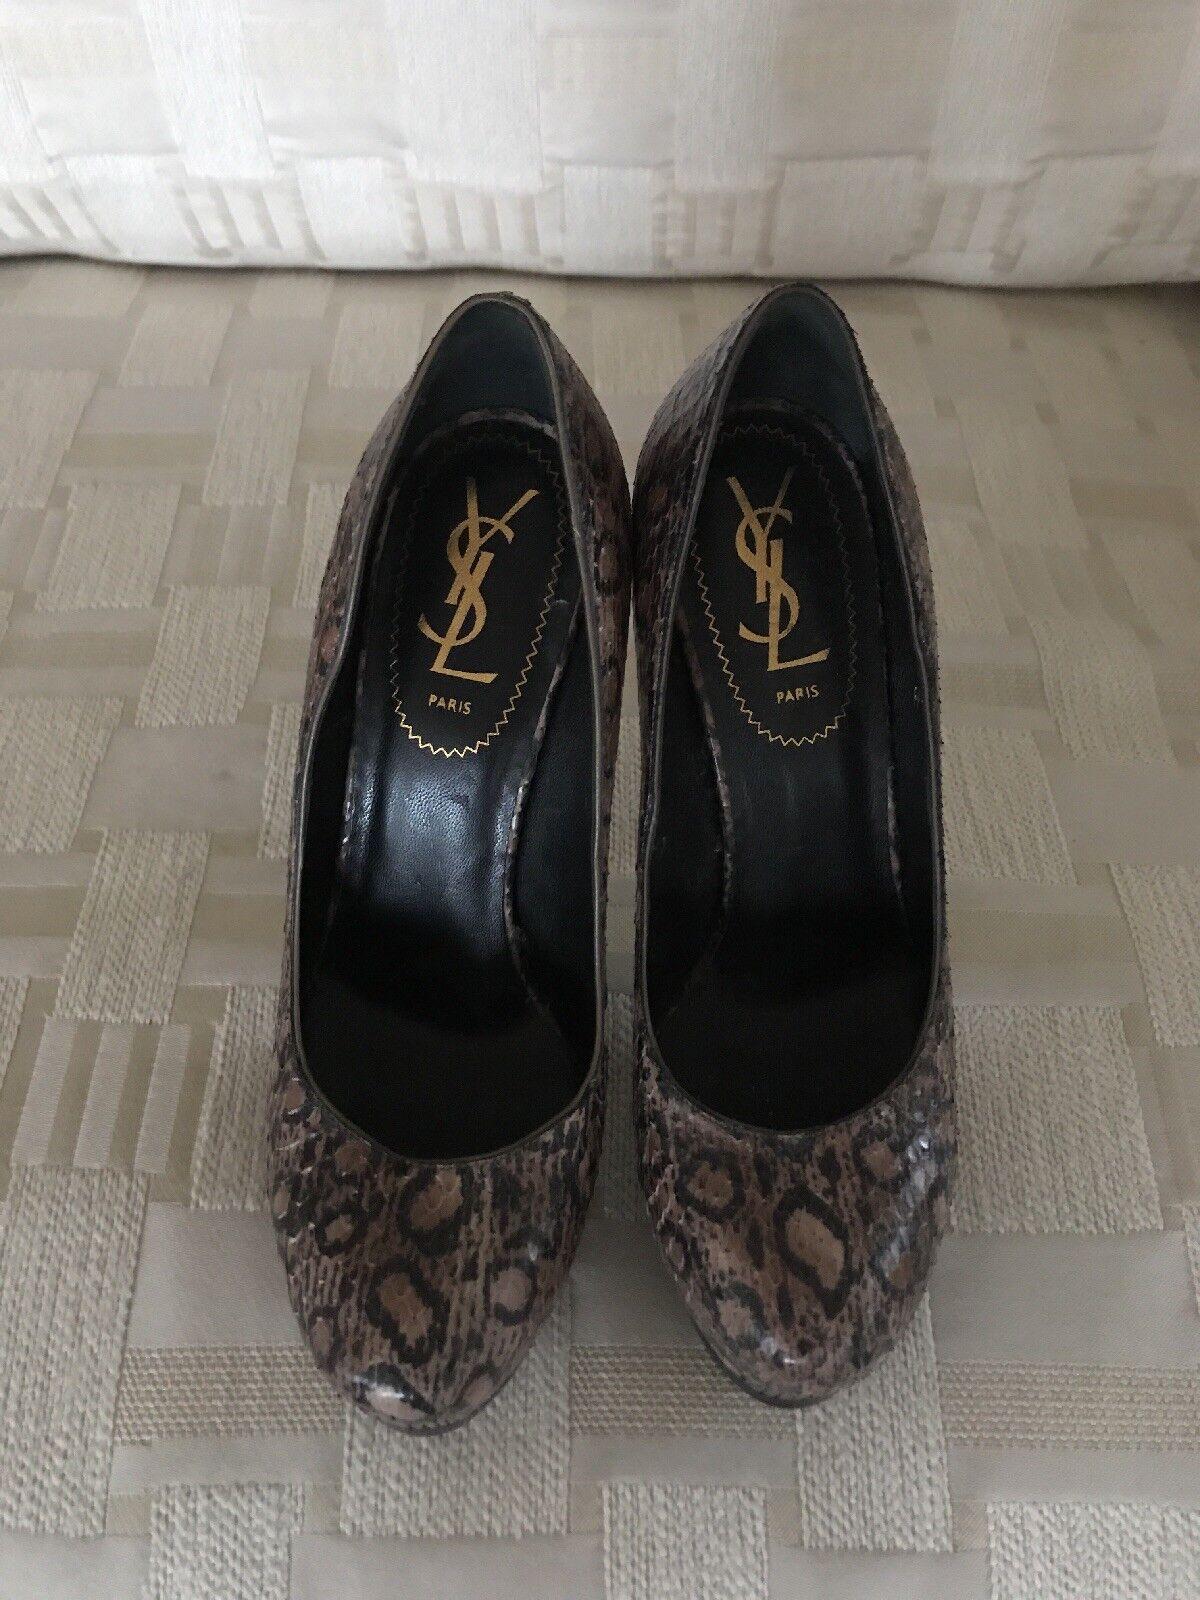 Yves Sant Laurant zapatos zapatos zapatos talla 7.5  online barato